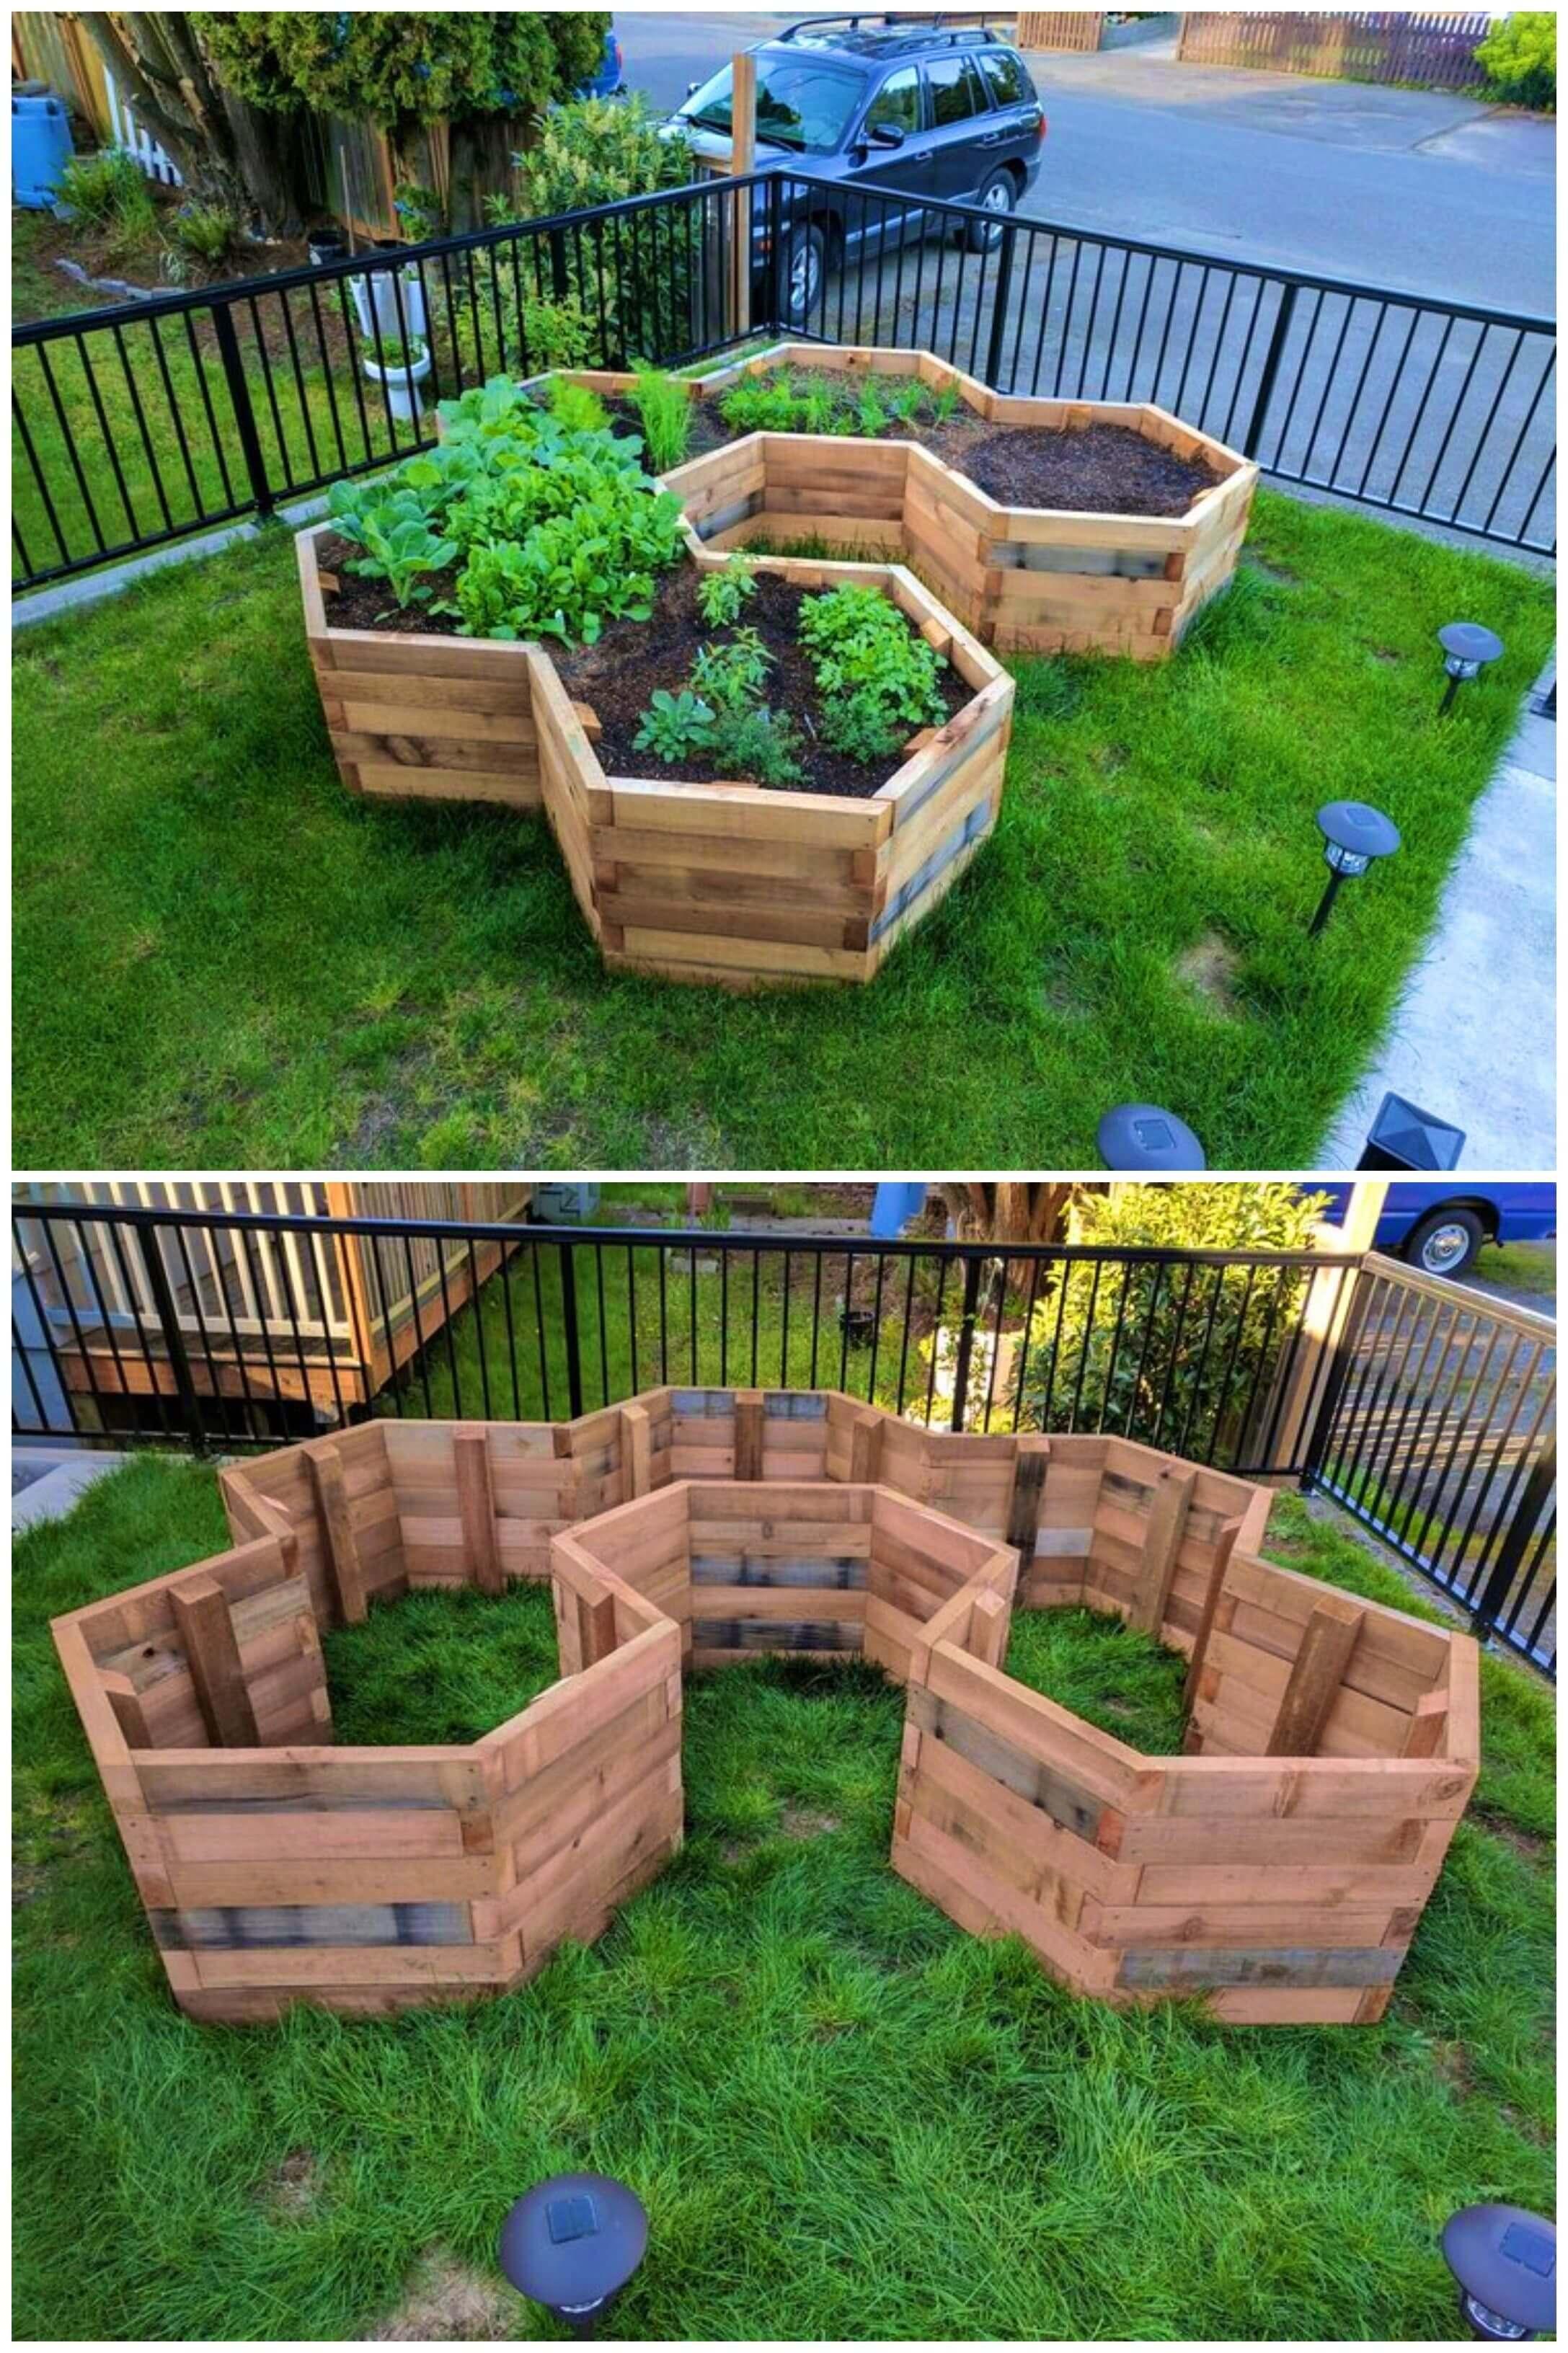 Build Your Own Hexagonal Garden Beds